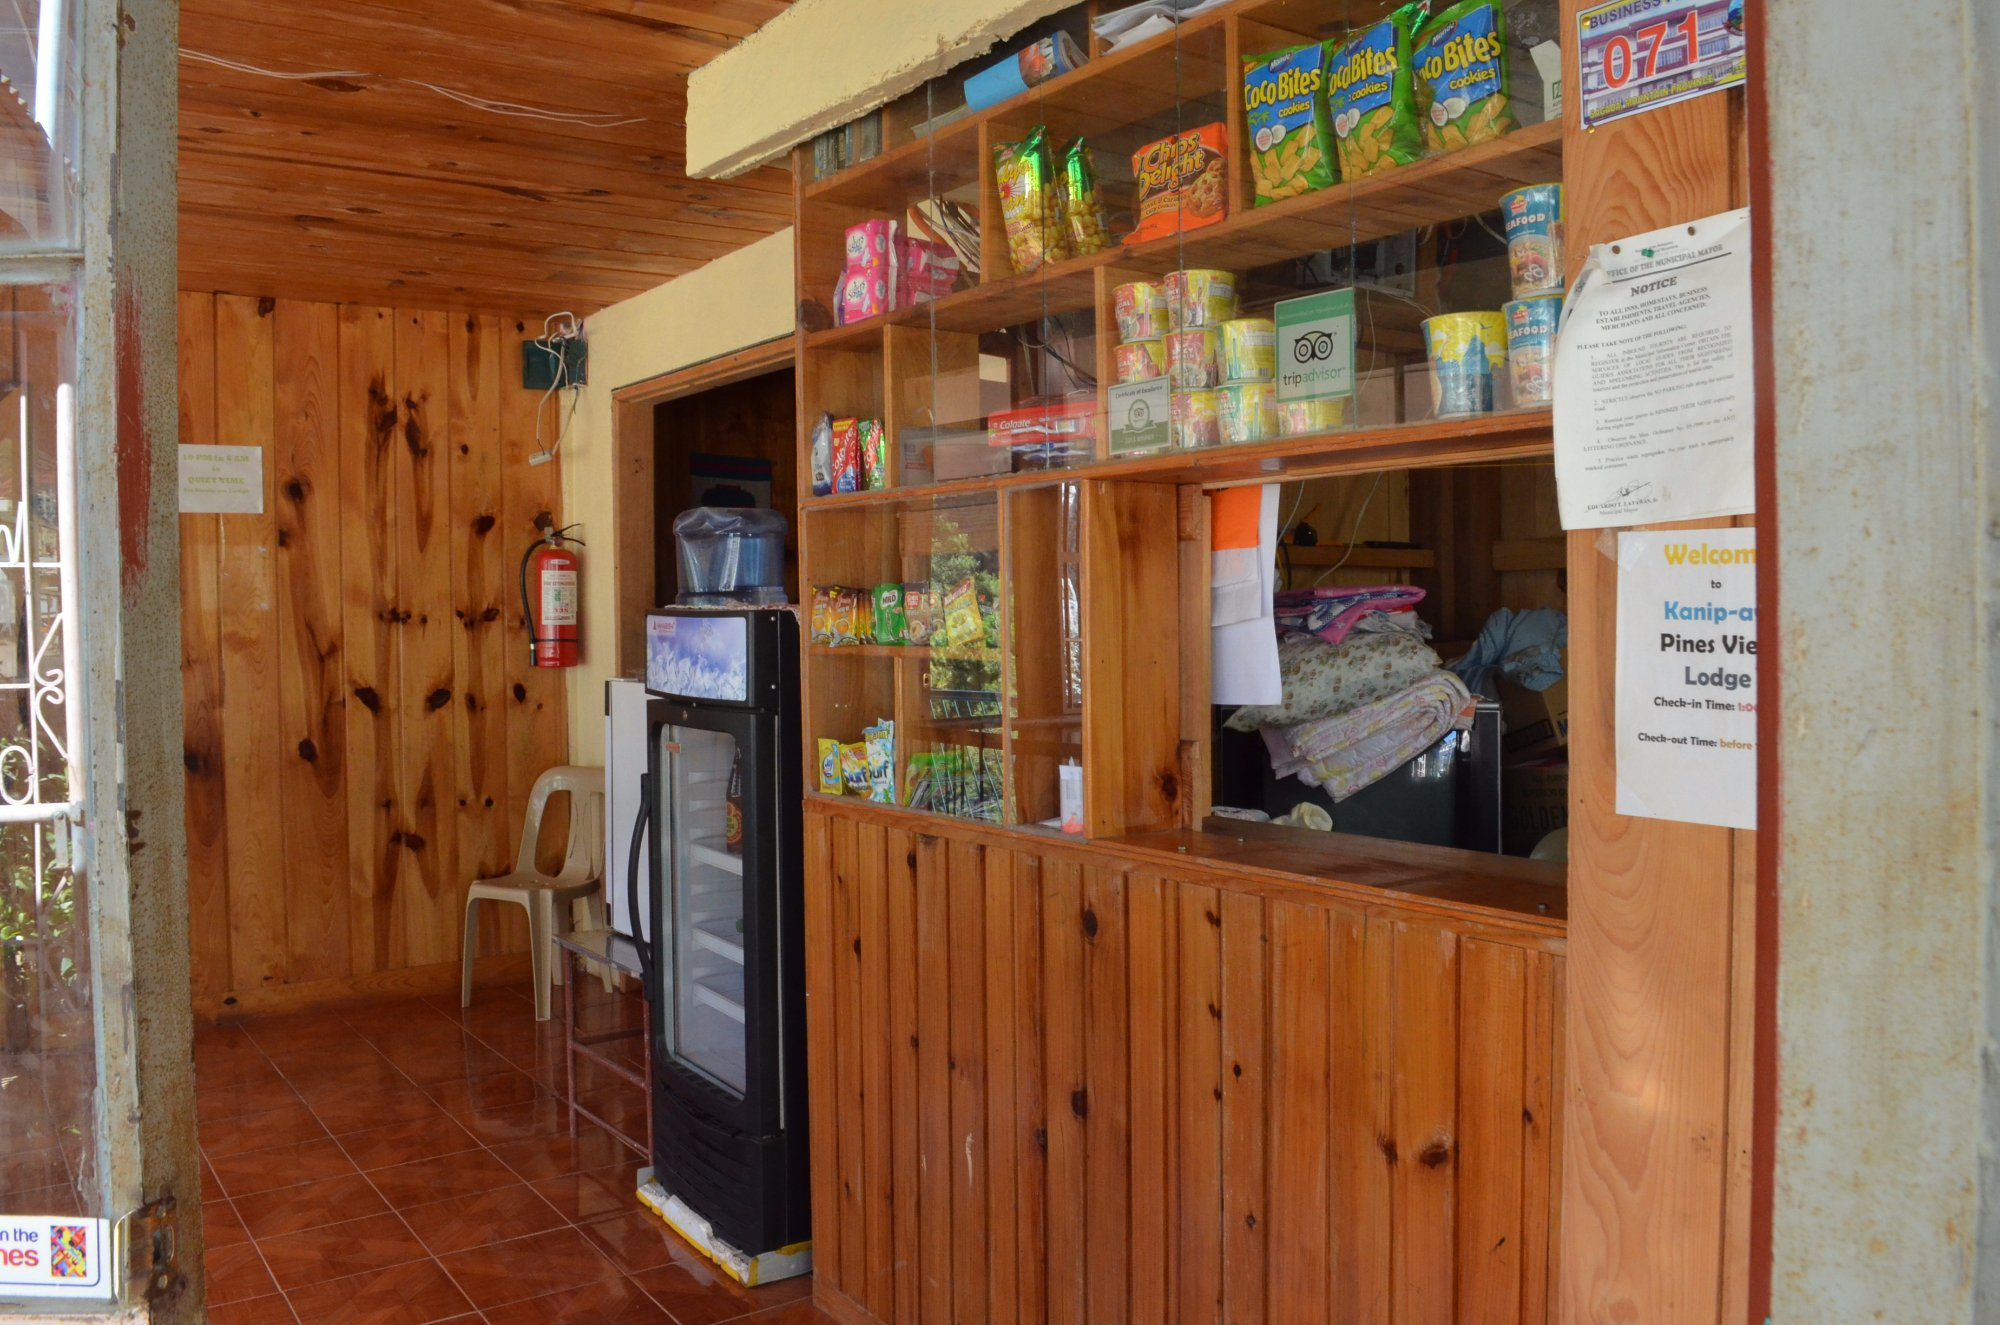 Kanip-aw Pines Lodge